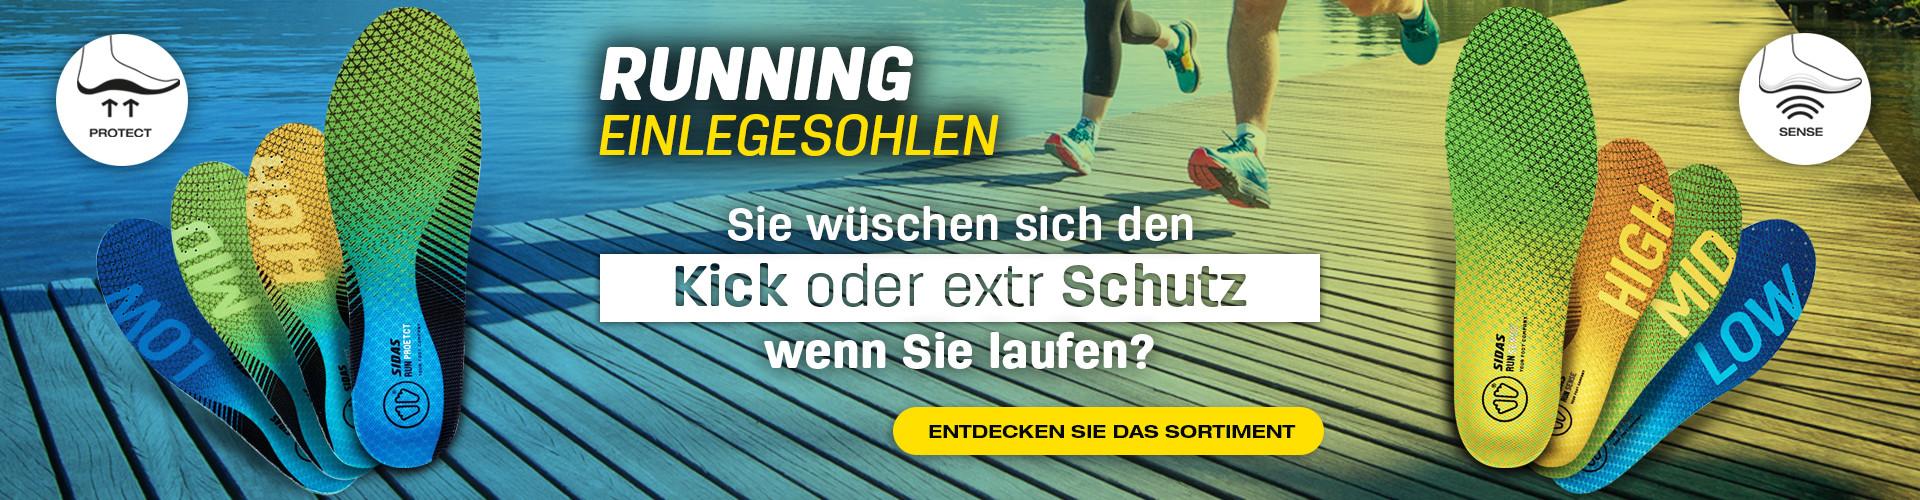 Auf der Suche nach Empfindungen oder Schutz beim Laufen? Finden Sie Ihre Einlegesohlen!